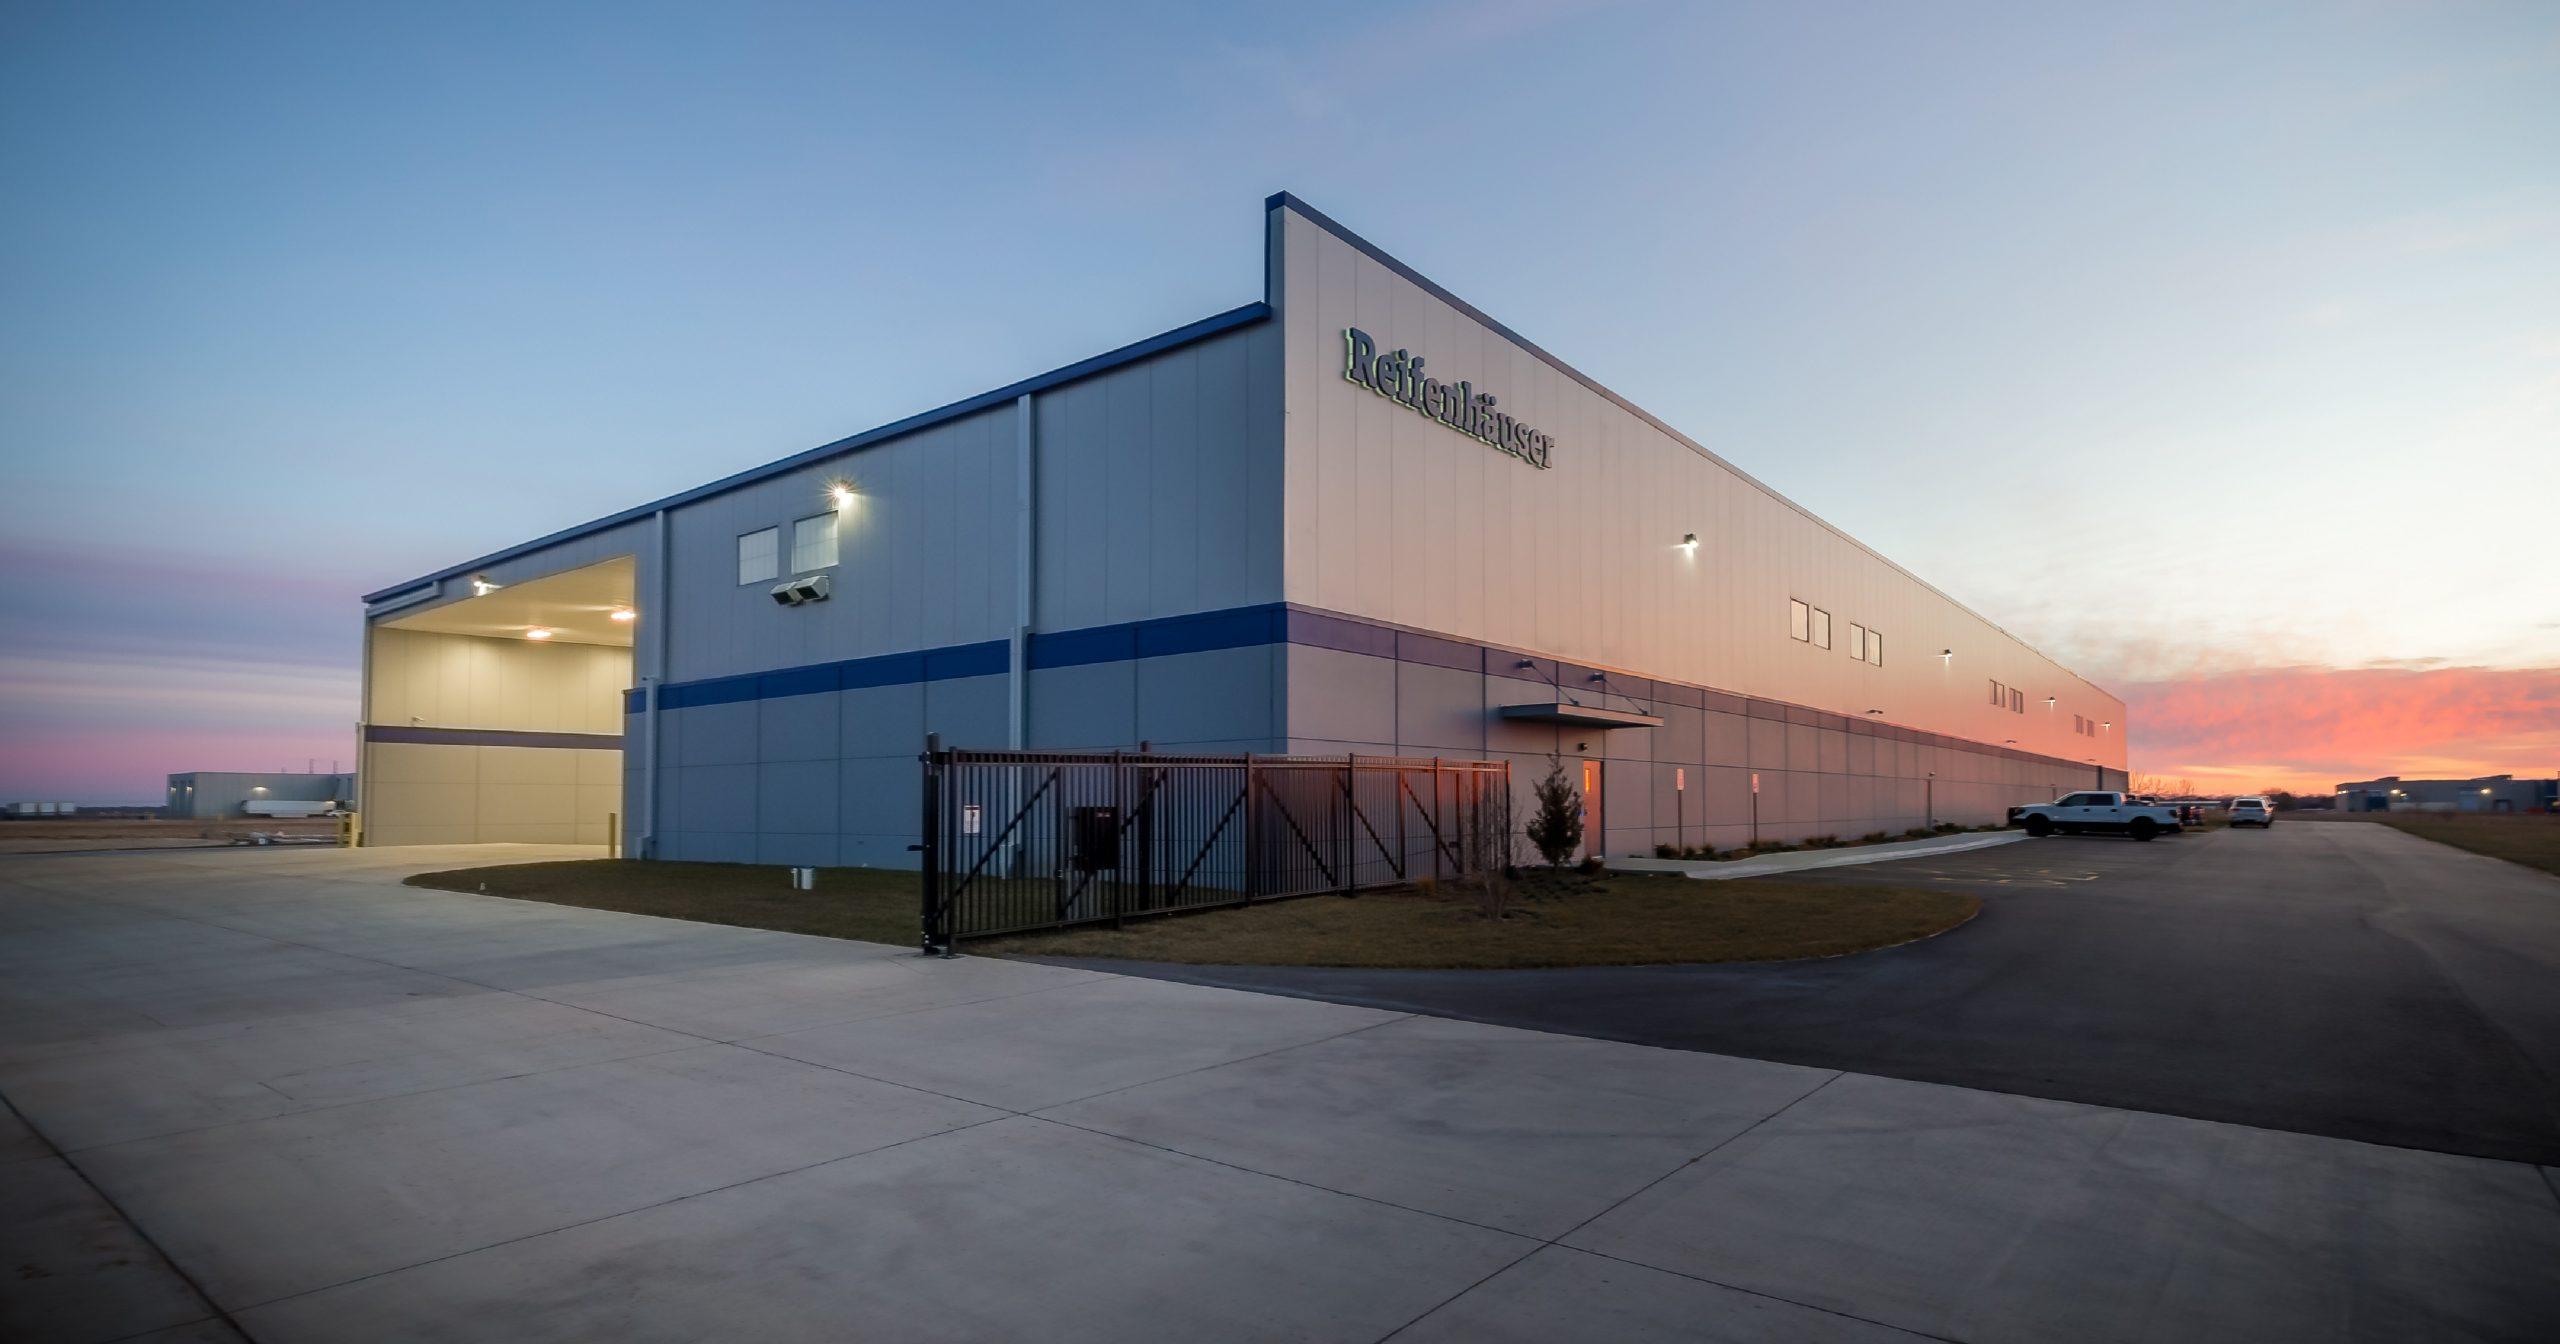 Reifenhauser manufacturing plant